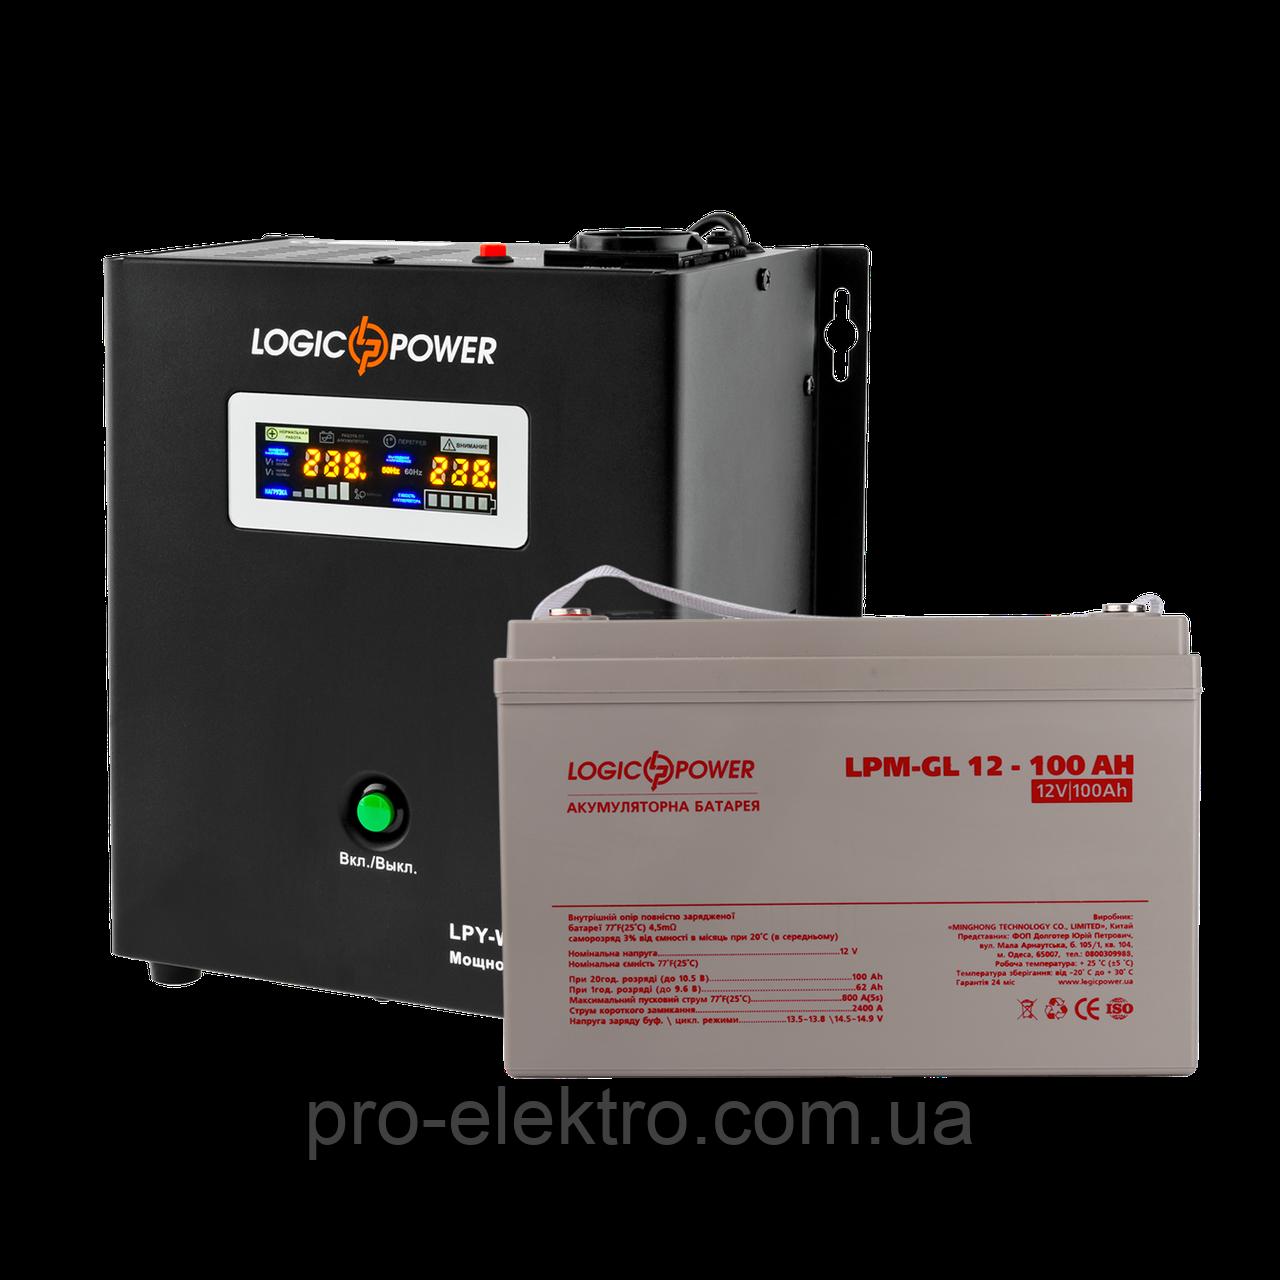 Комплект резервного живлення для котла та теплої підлоги Logicpower W800 + гелева батарея 1400ват